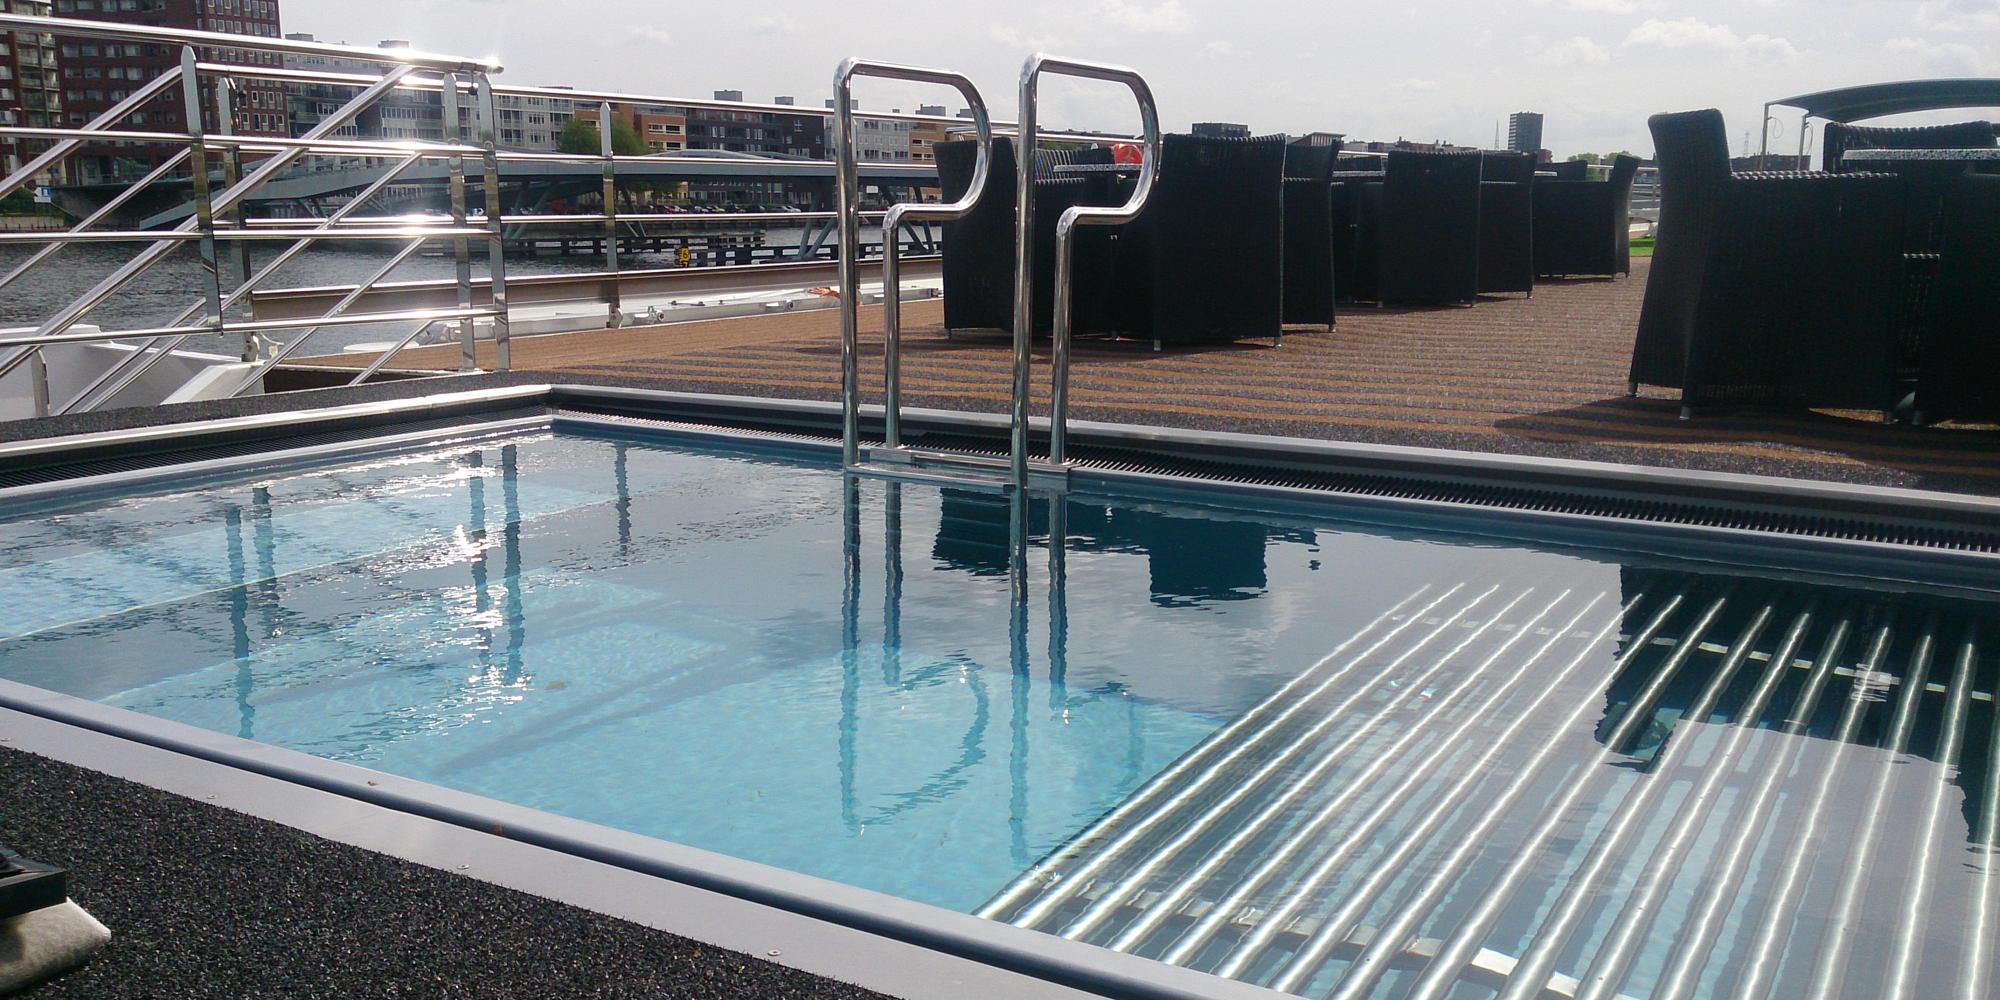 Veltmann swim-spa auf einem Kreuzfahrtschiff